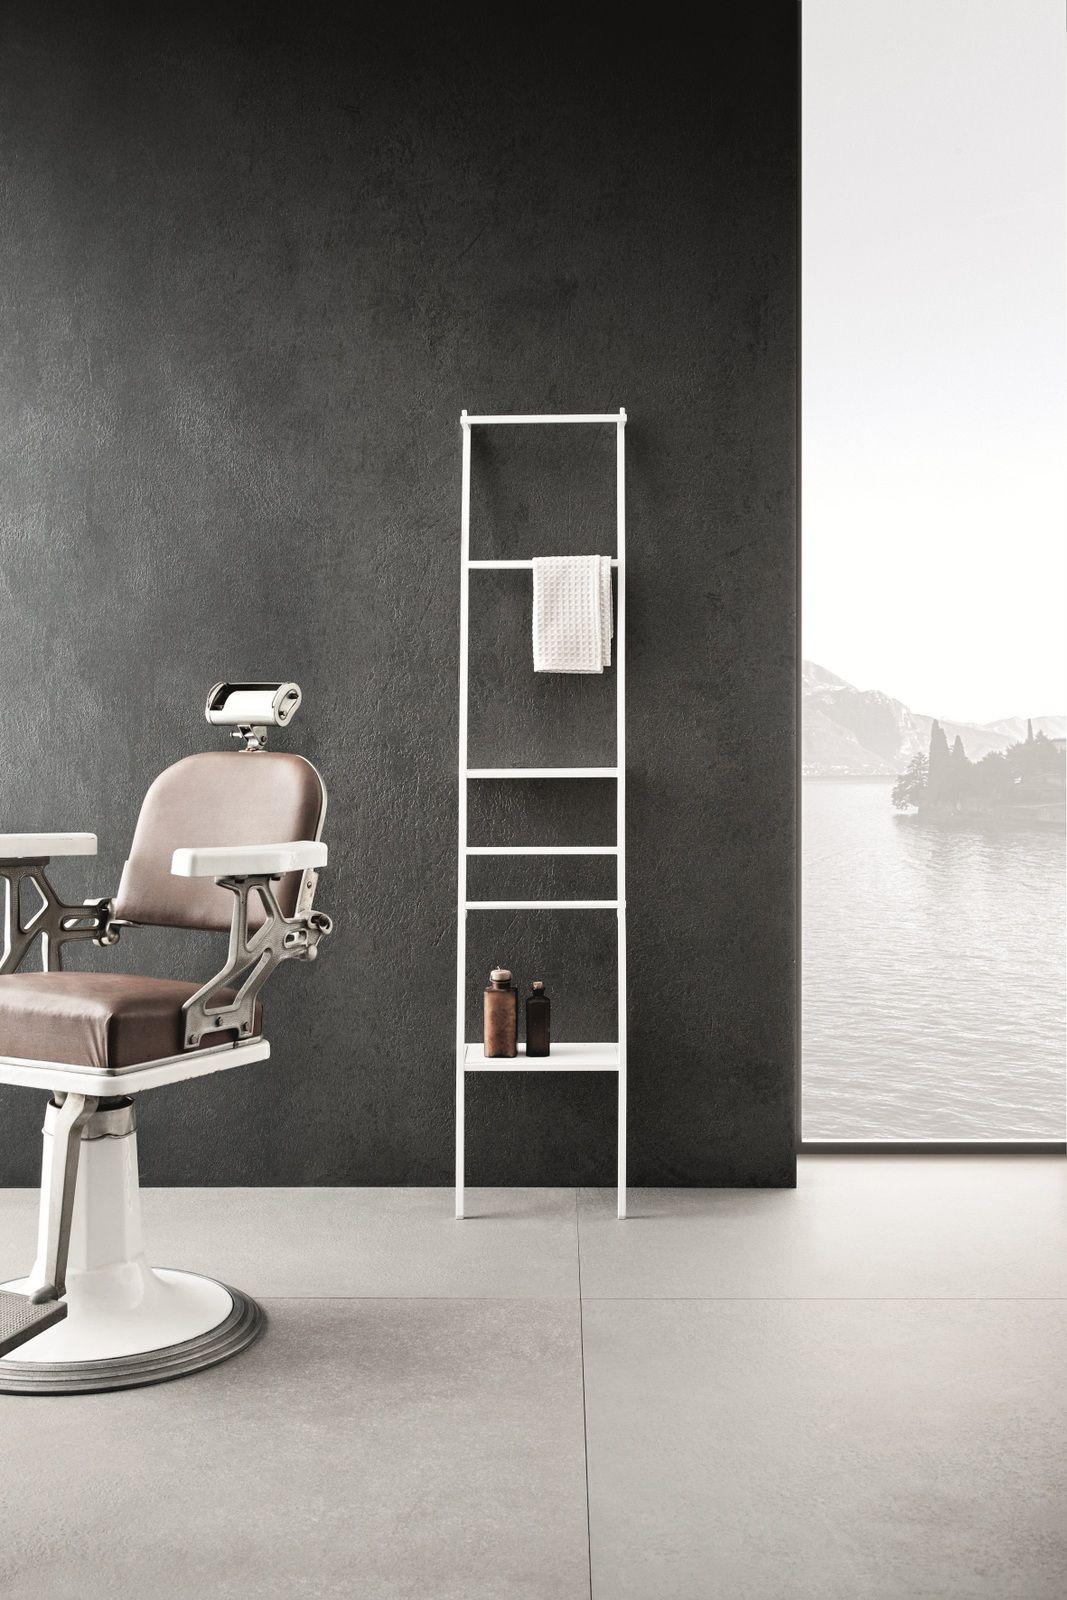 Arredo bagno completo CRAFT - COMPOSIZIONE N04 by NOVELLO design ...